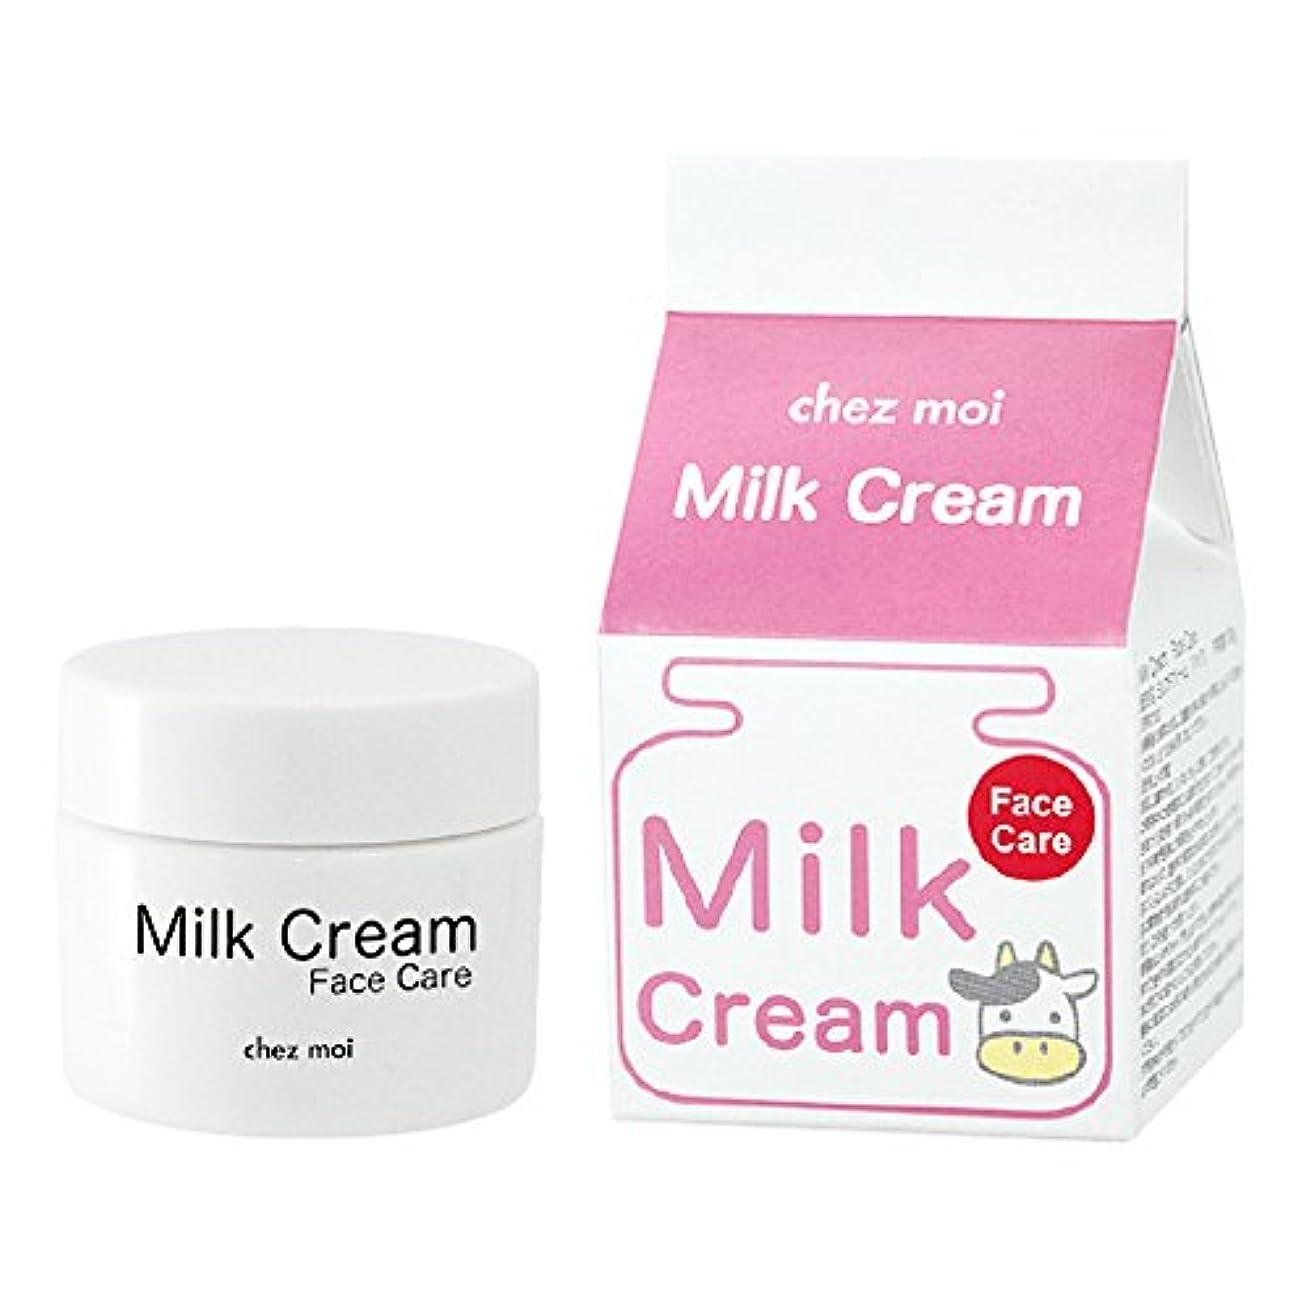 市民権アトラス苦難シェモア Milk Cream Face Care(ミルククリーム フェイスケア) 30g